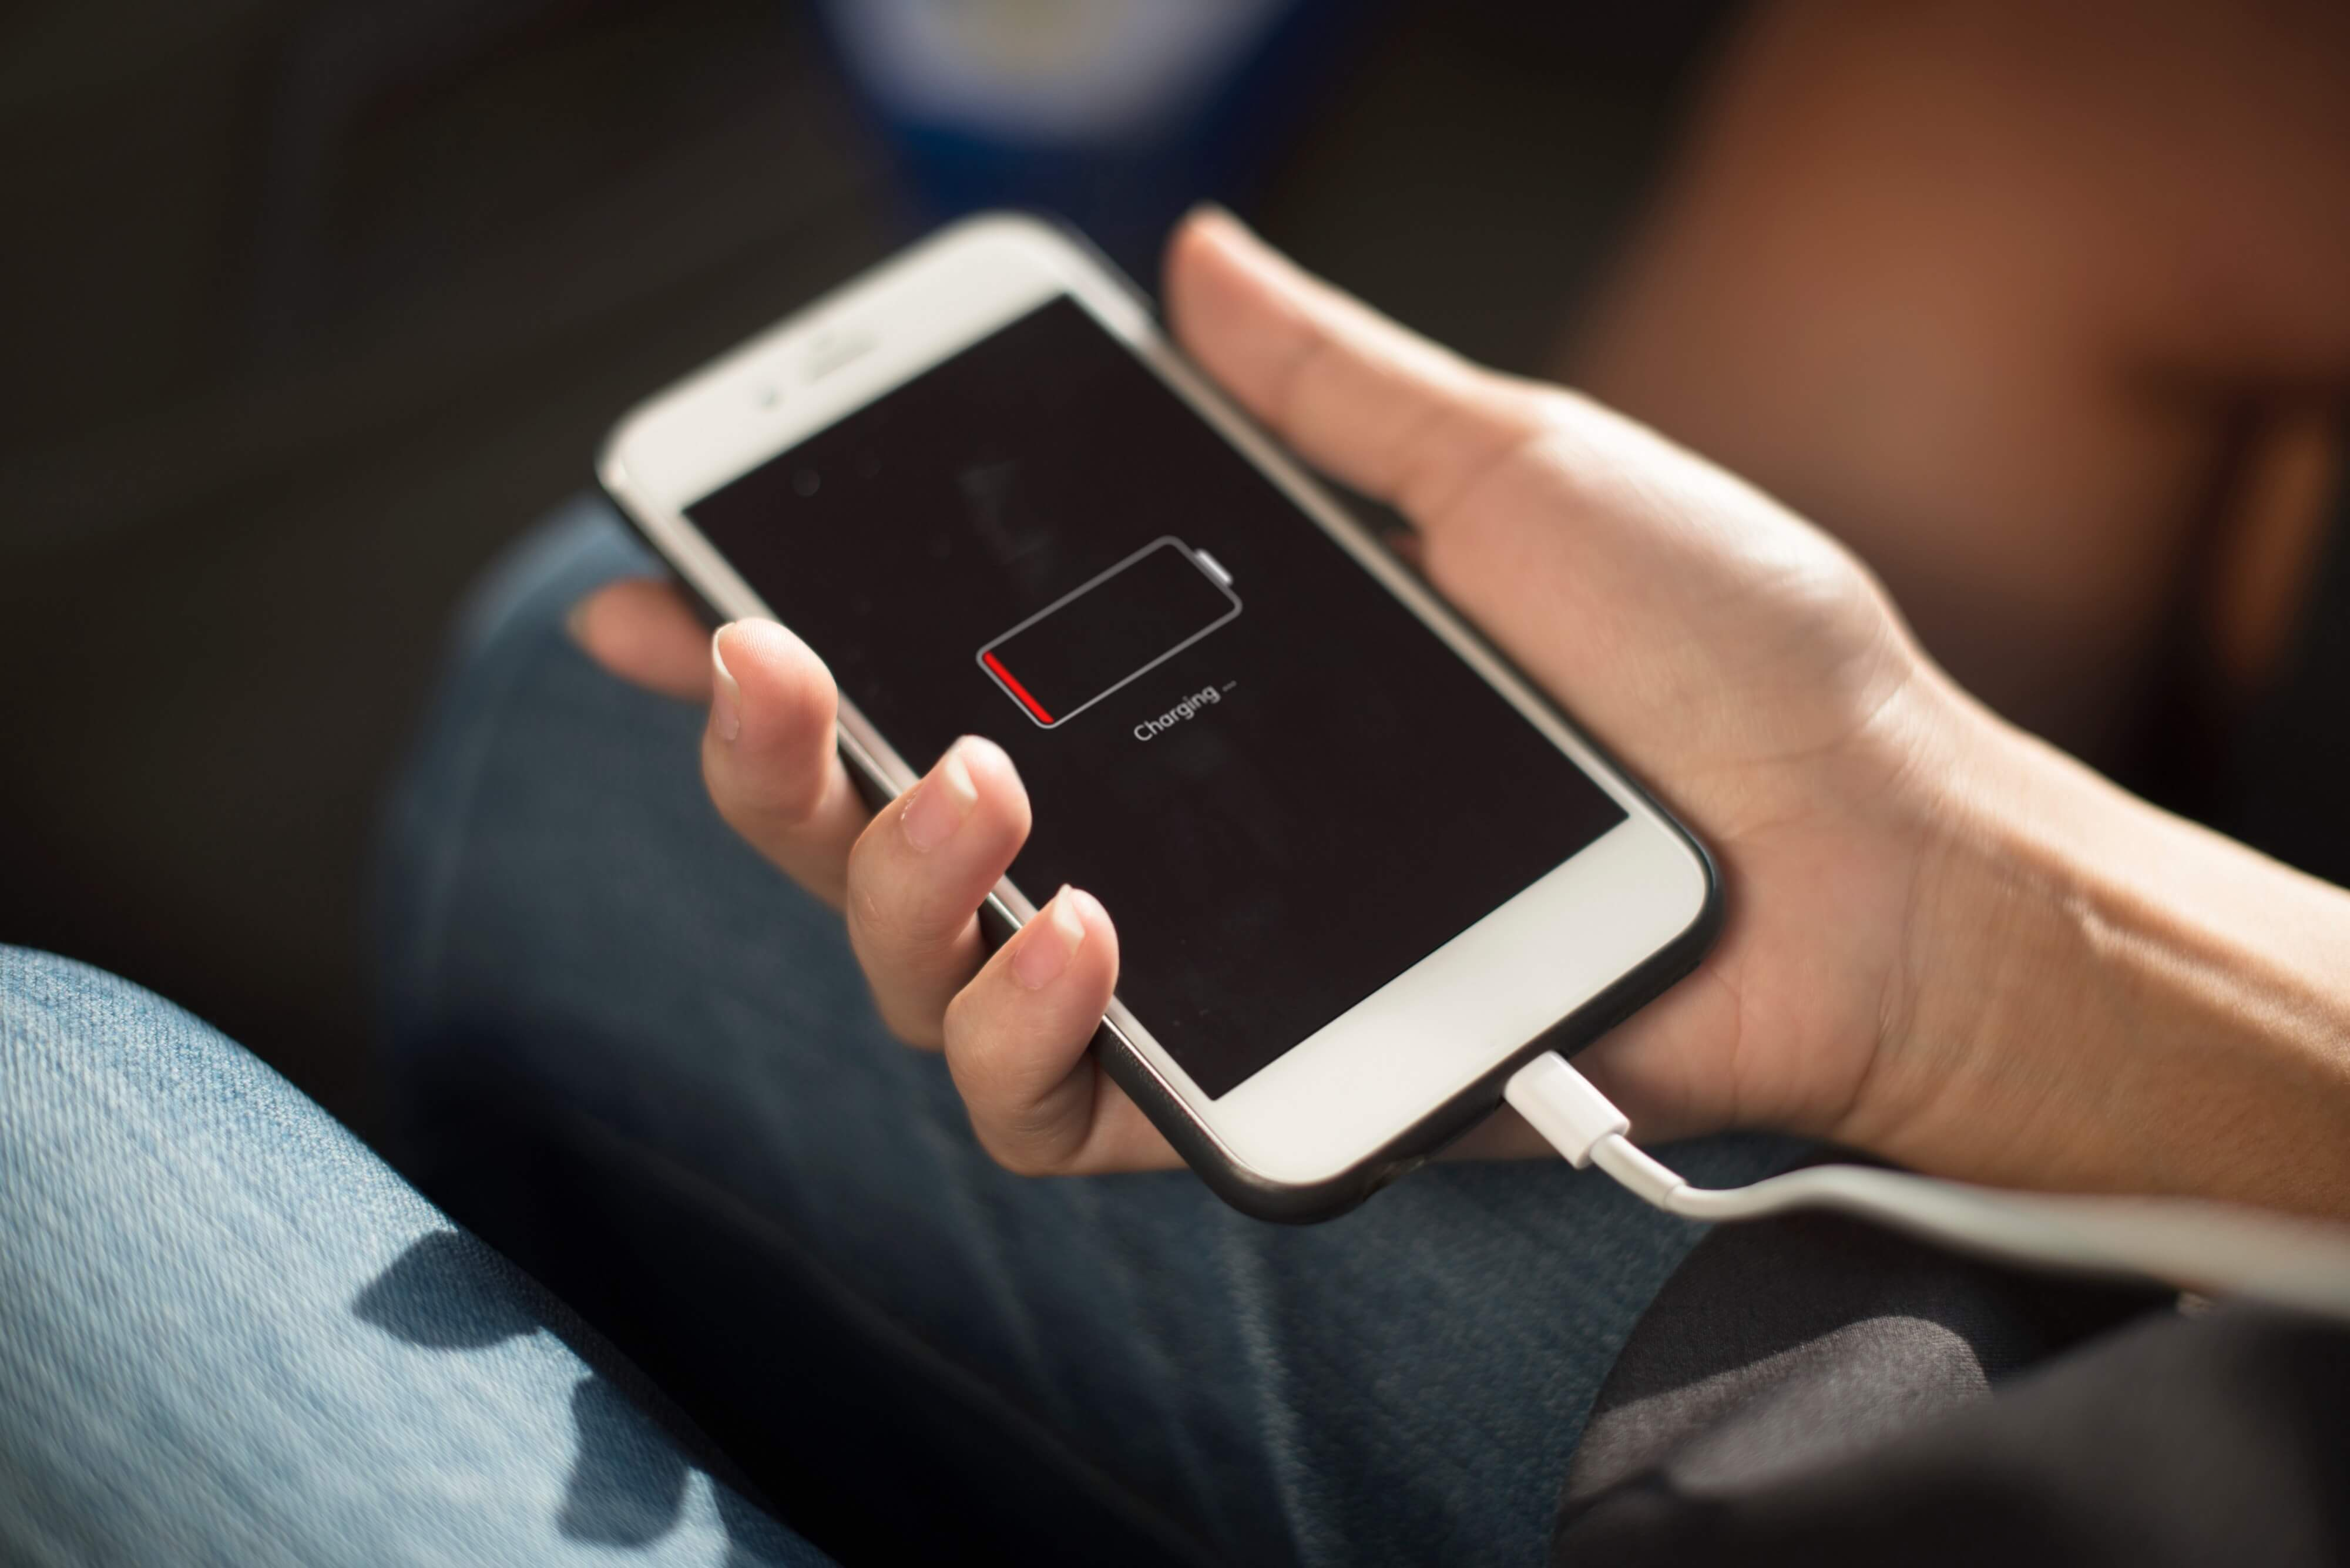 Bagaimana Jika Handphone Android dalam Keadaan Mati - Cara Melacak Handphone Android Hilang dengan Mudah dan Akurat